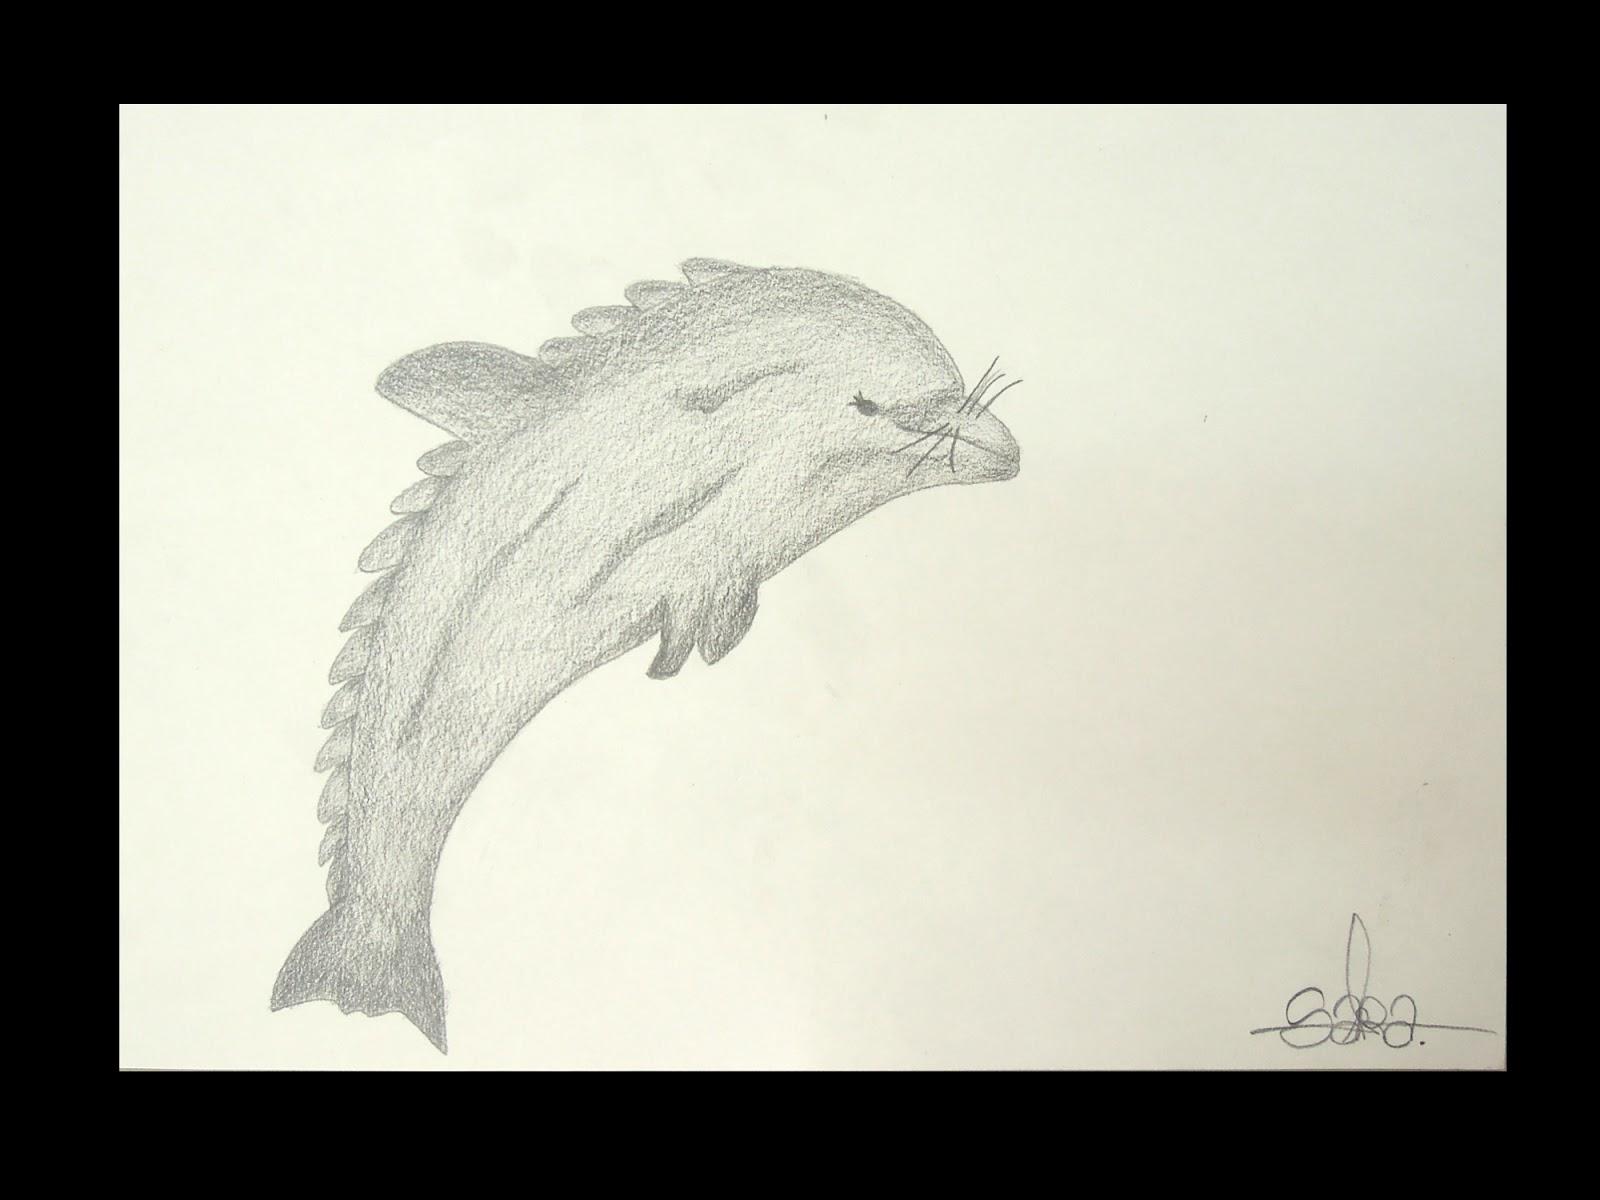 Mesa Y Lapiz: Animales Fantásticos En Dibujo Artístico I